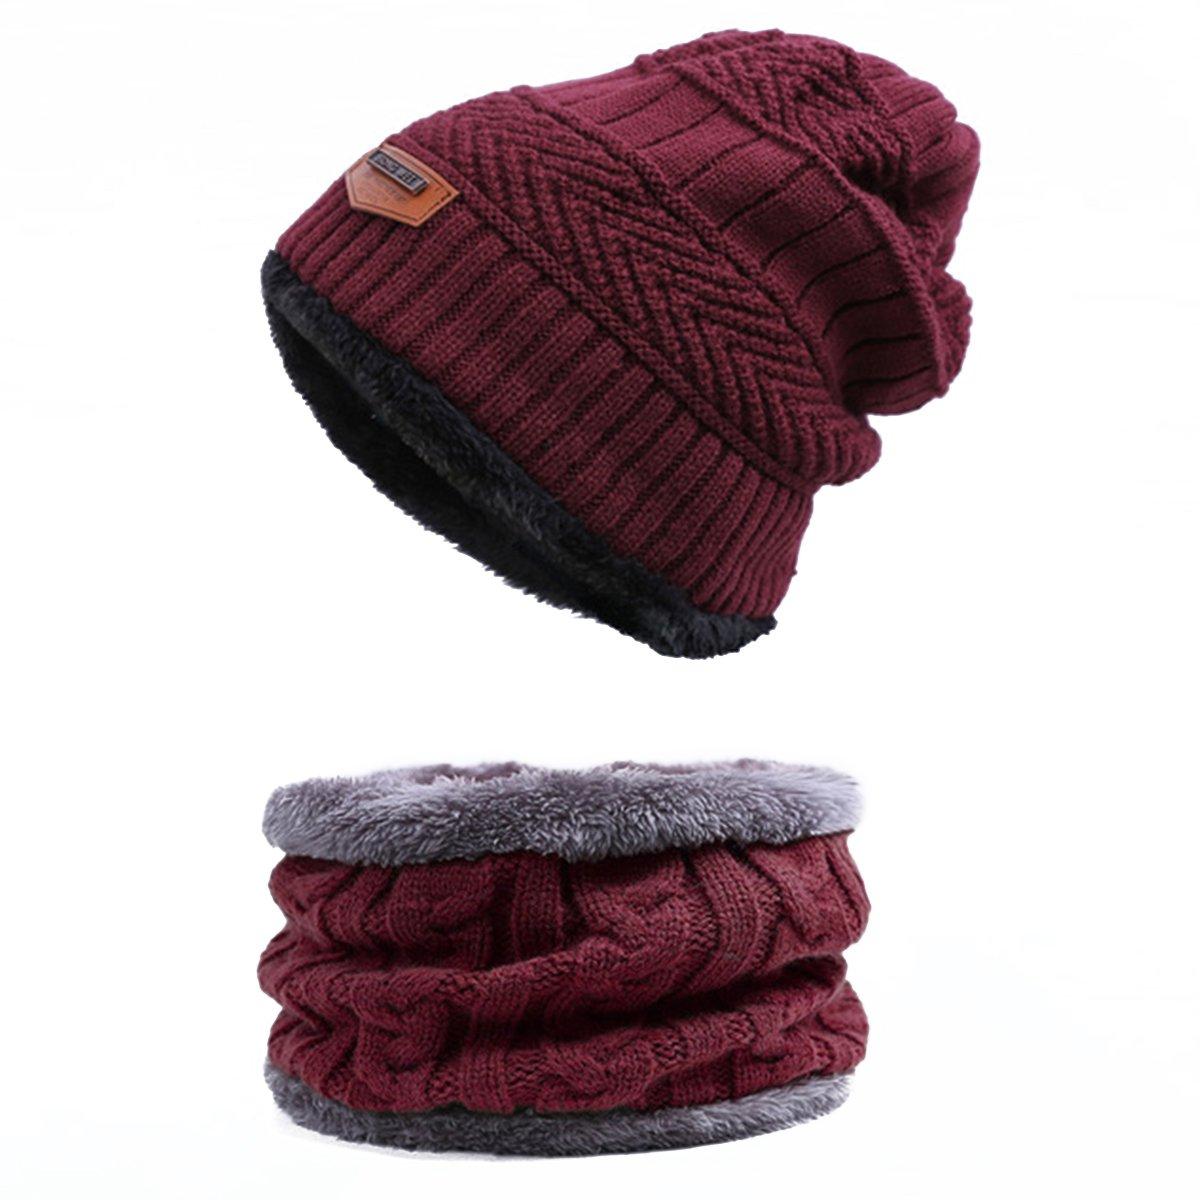 Back Packers unisex berretto invernale caldo cappello sciarpa set sciarpa spessa maglia cappello caldo pile foderato Nero CN